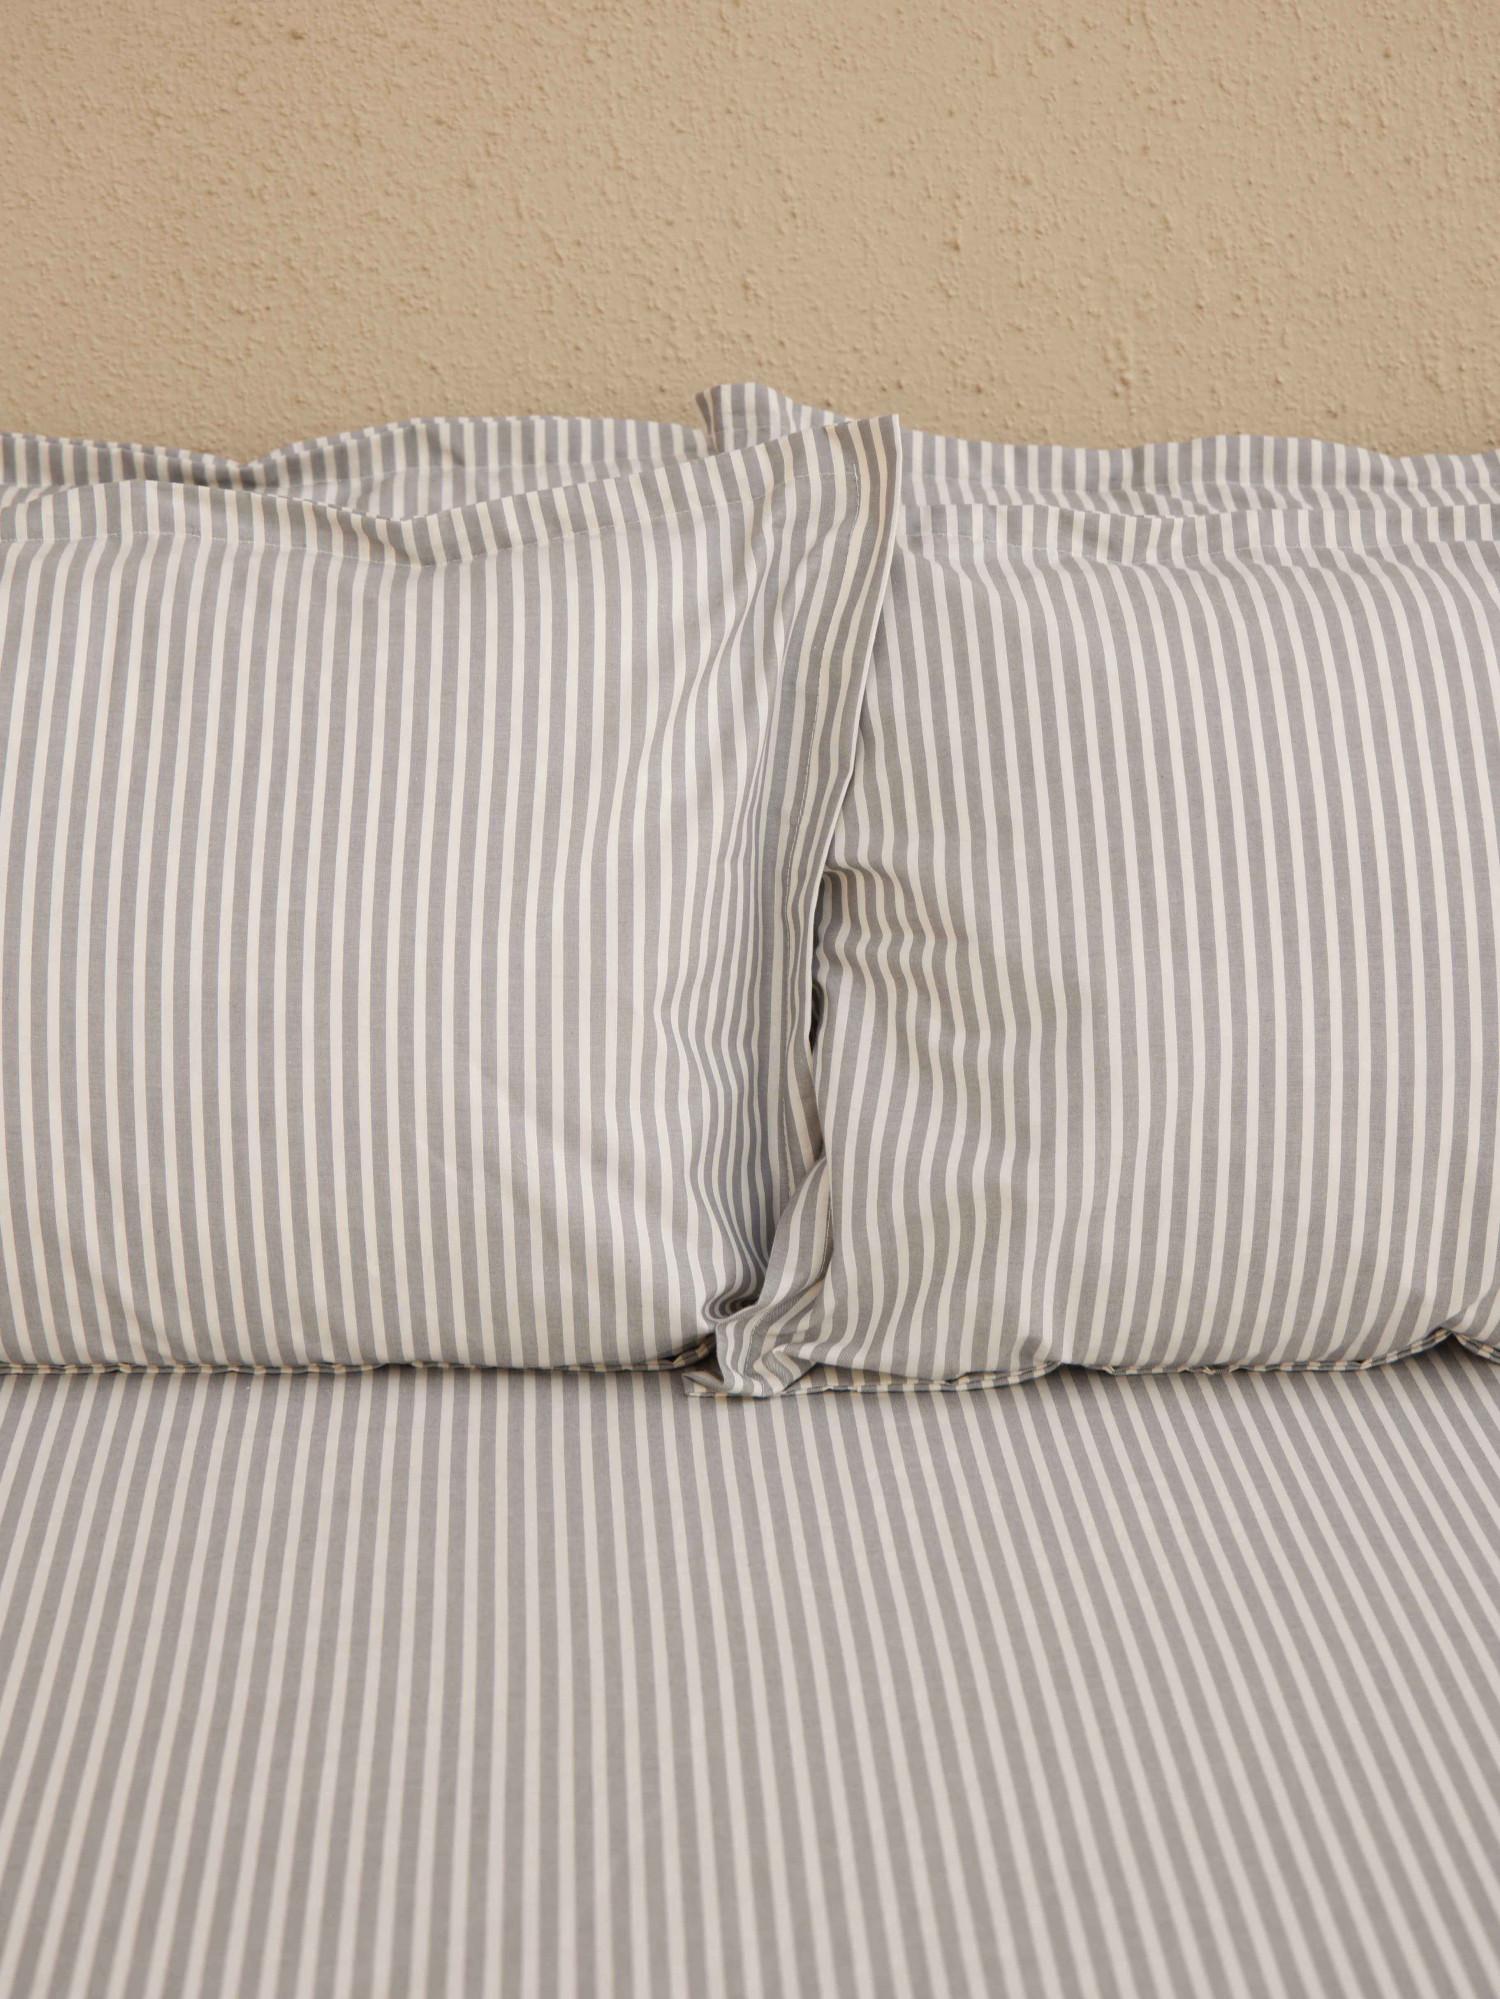 Stripe Printed Bedsheet